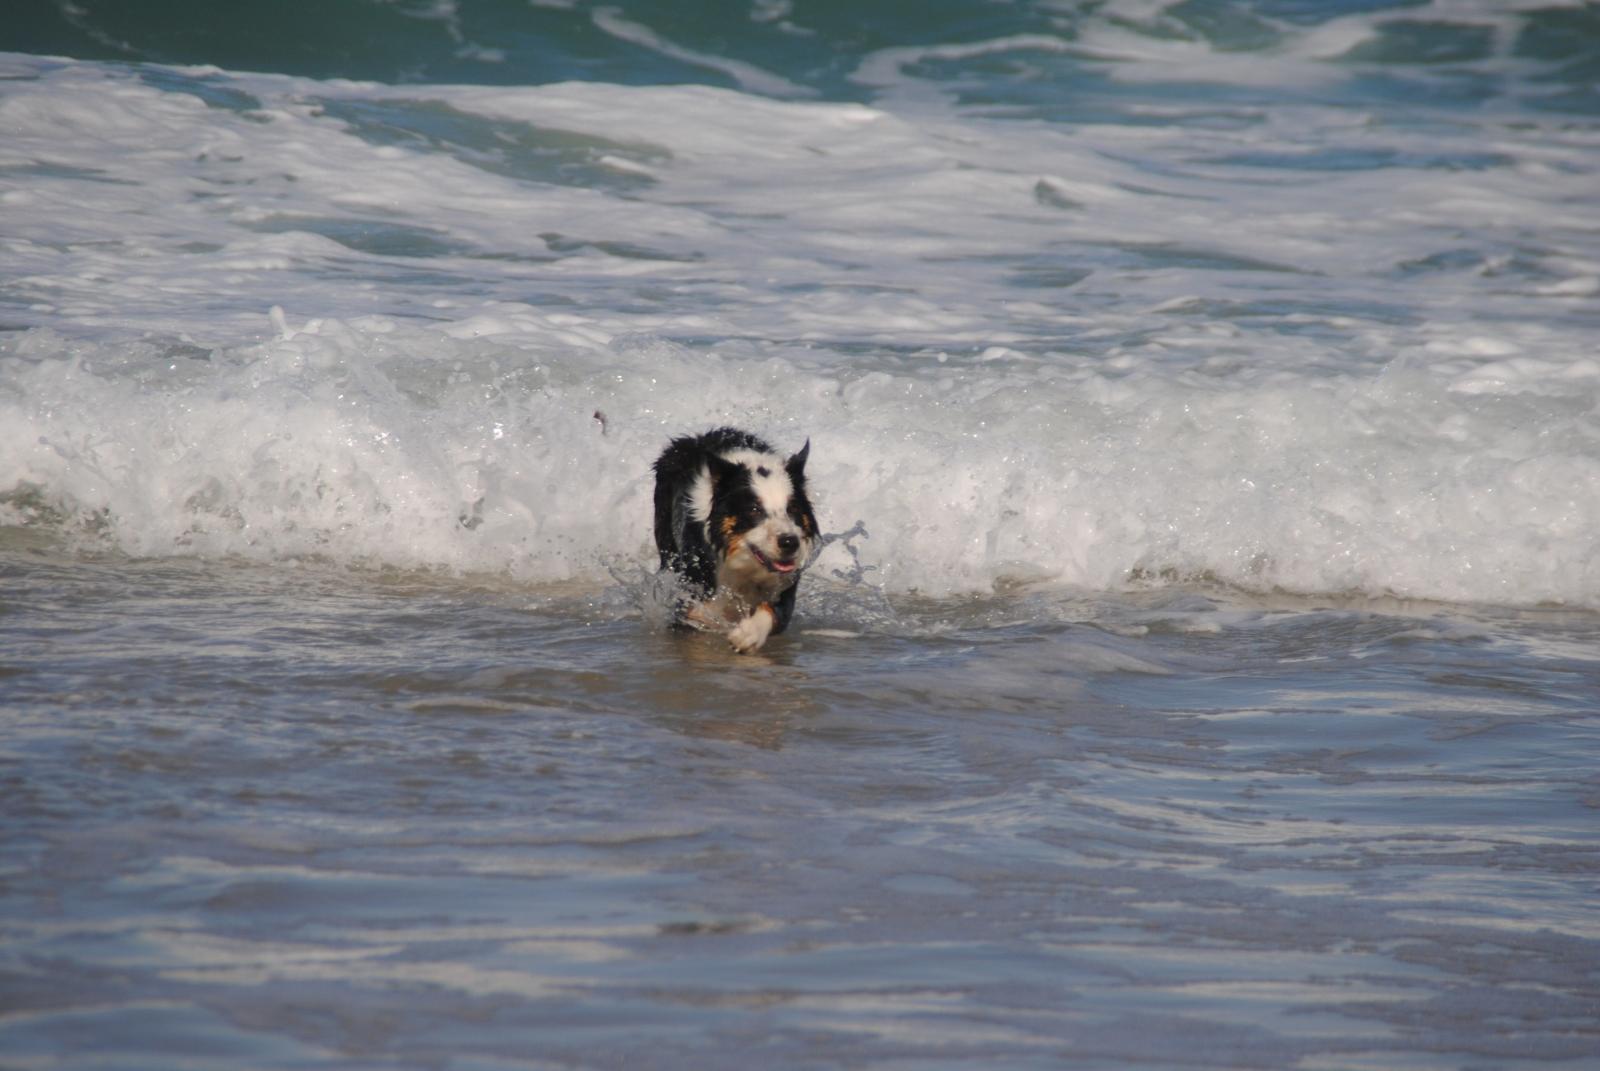 Es macht Spaß und ist entspannend mit Hunden im Wasser zu spielen! Das ändert sich jedoch wenn der nasse, sandige Hund im Auto ist.